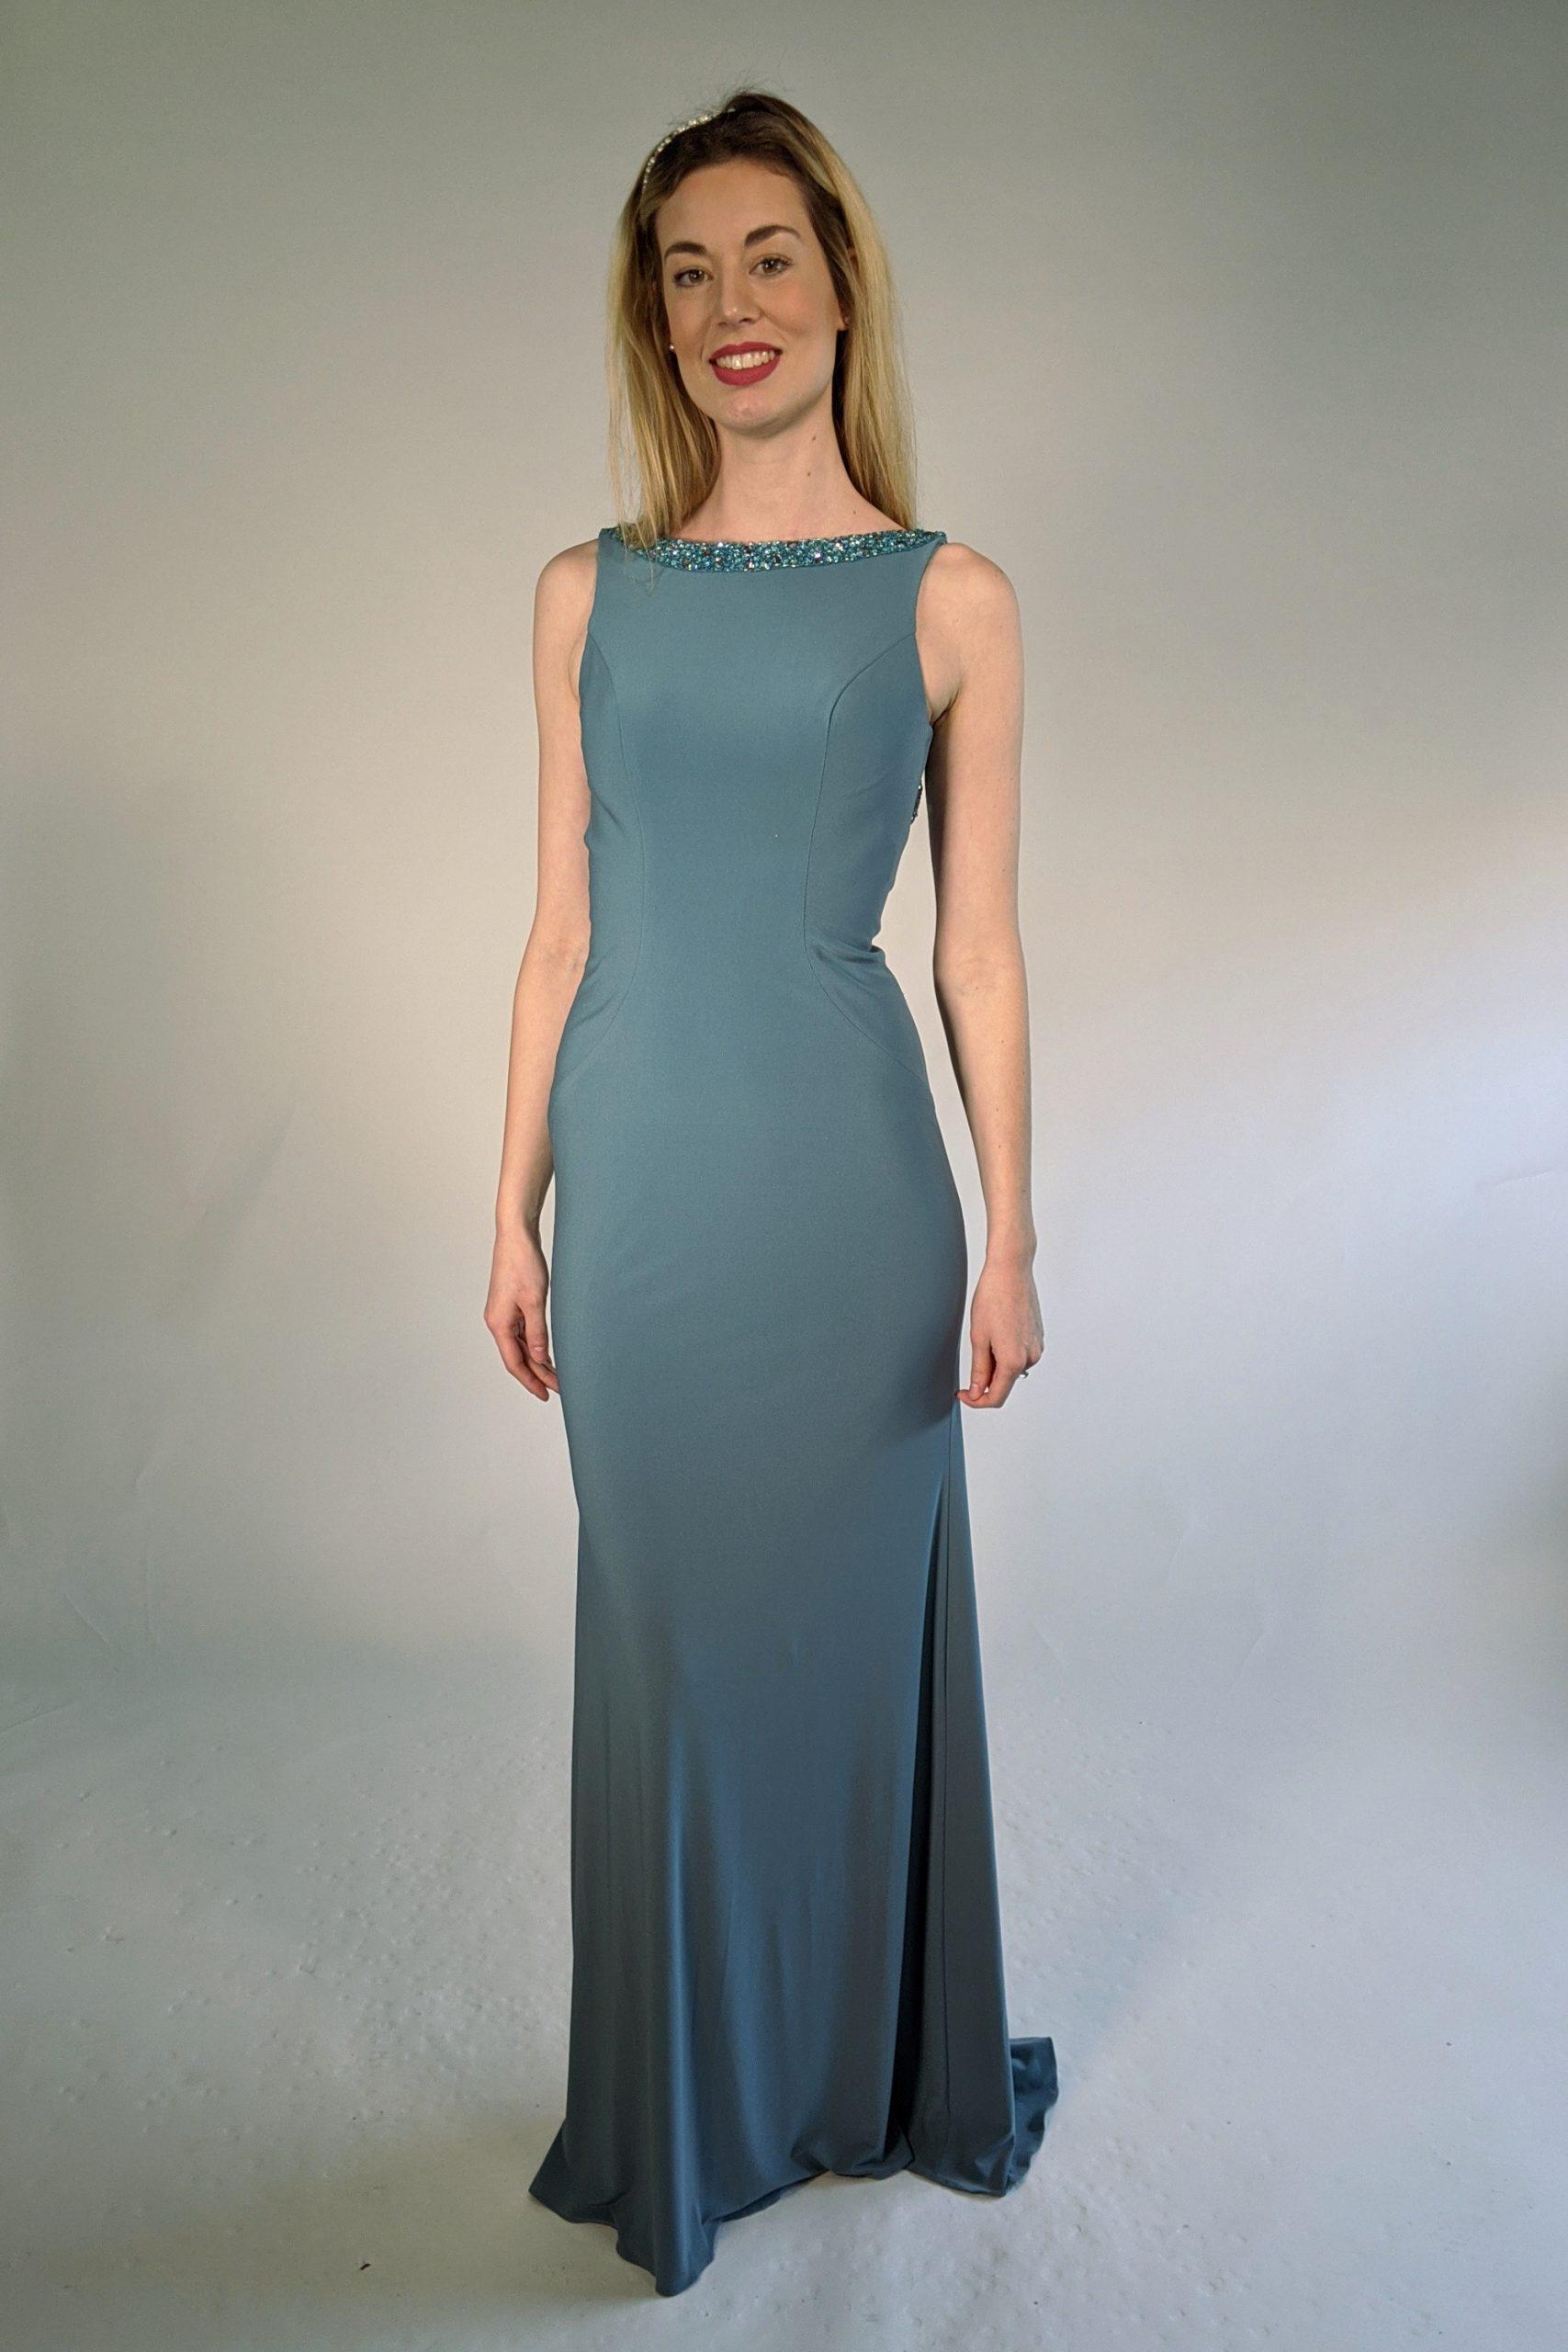 20 Kreativ Figurbetontes Abendkleid für 201917 Perfekt Figurbetontes Abendkleid Stylish